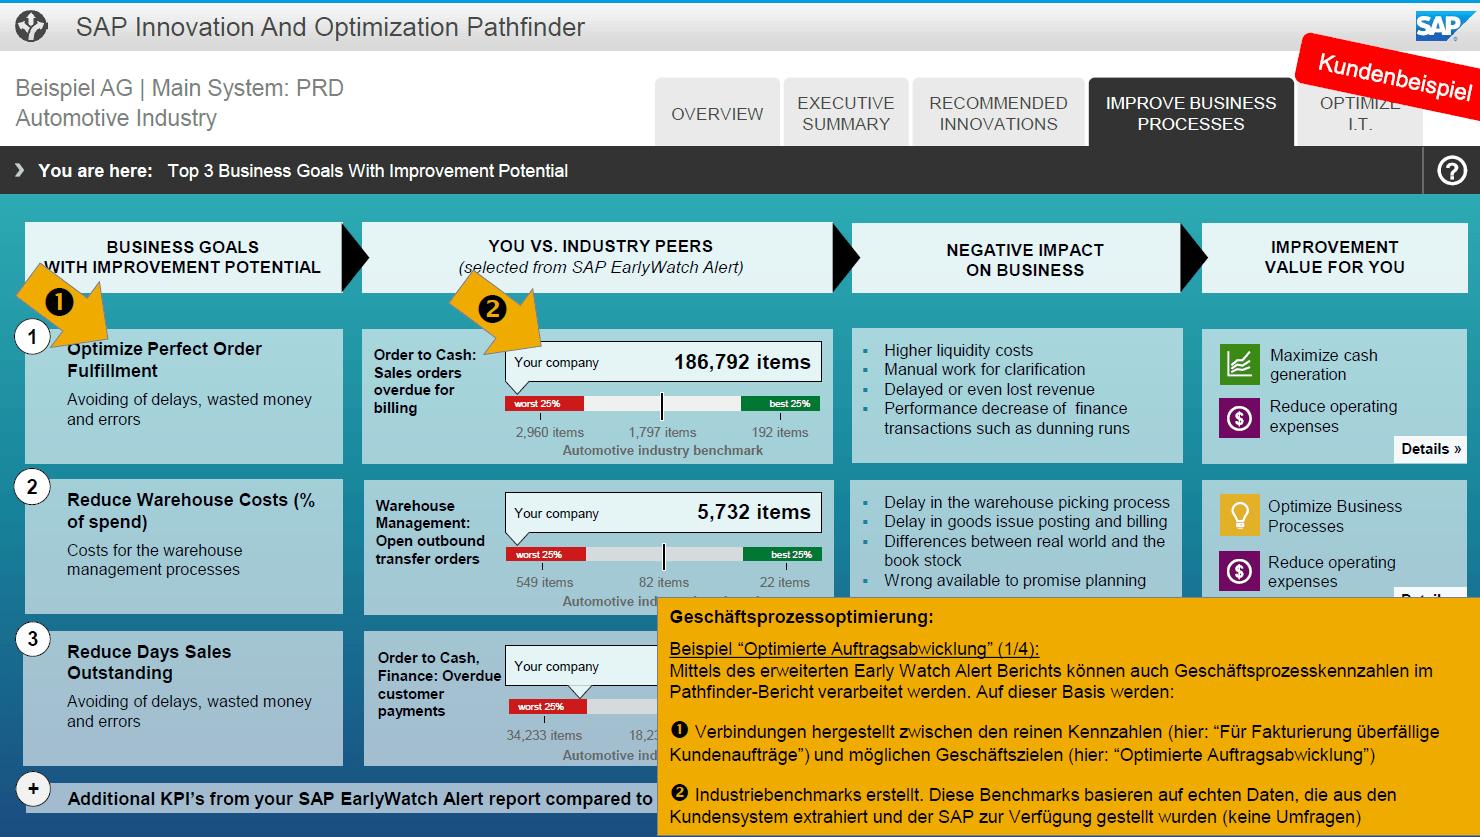 Blog_Screen_SAP Pathfinder_Optimierte Auftragsabwicklung 1